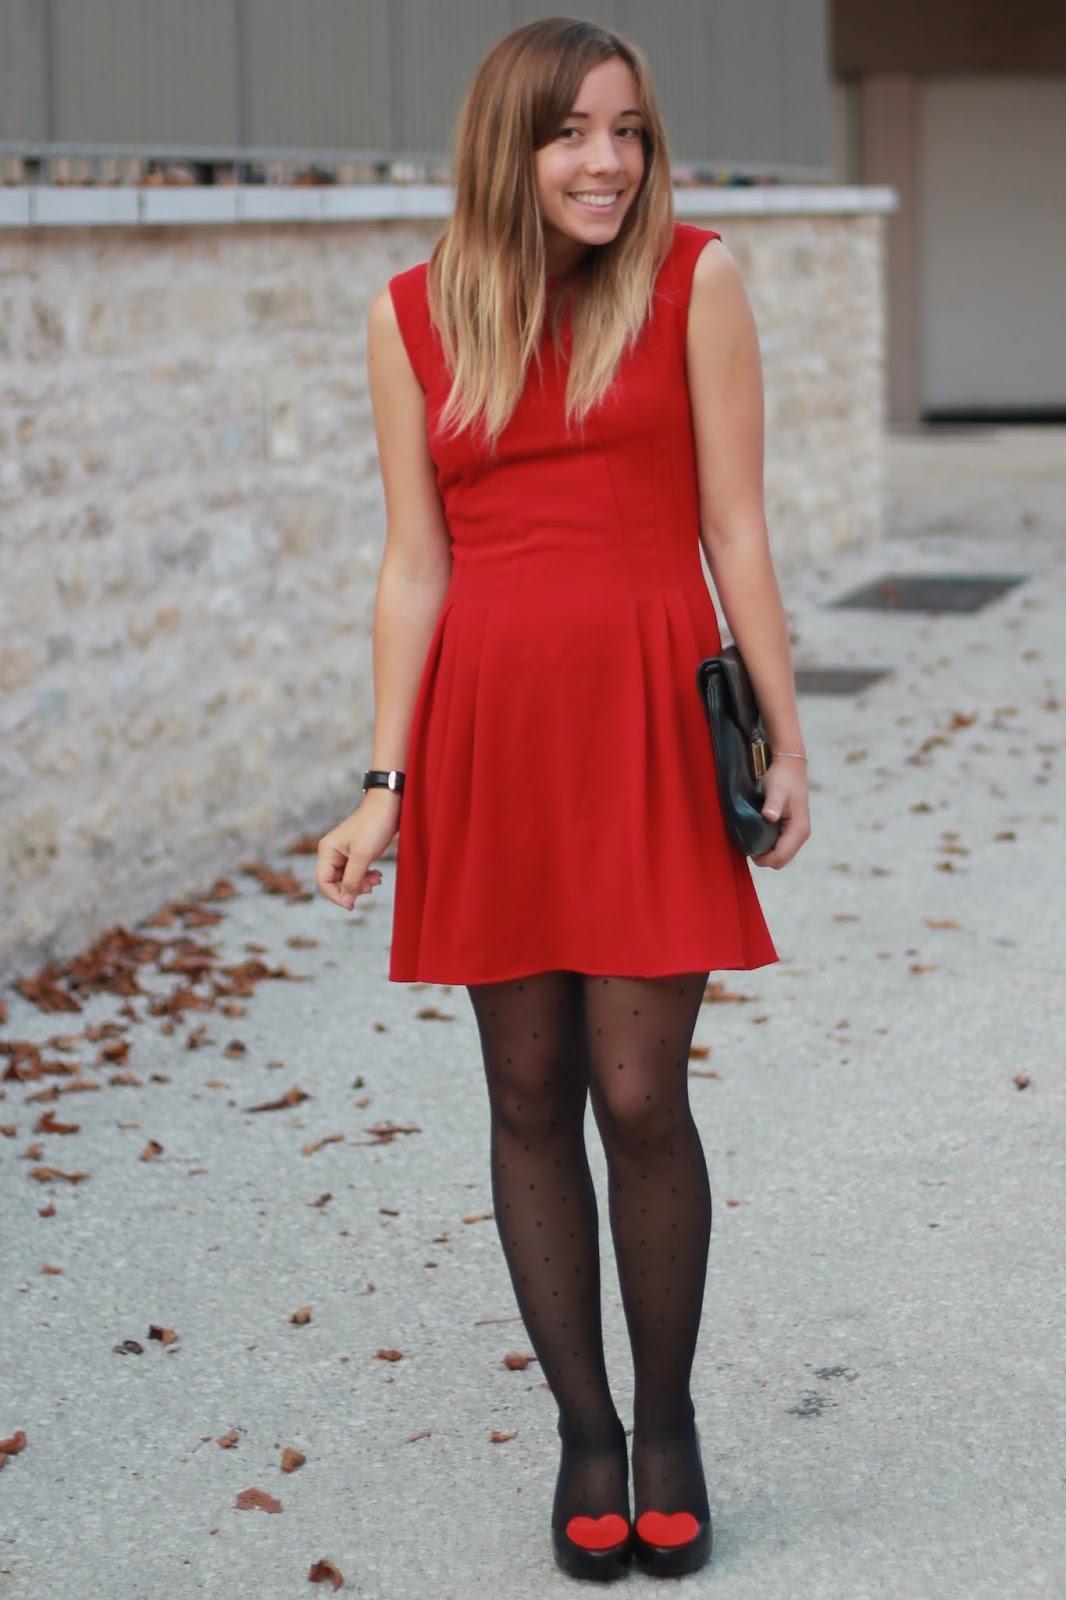 Robe rouge avec collant noir